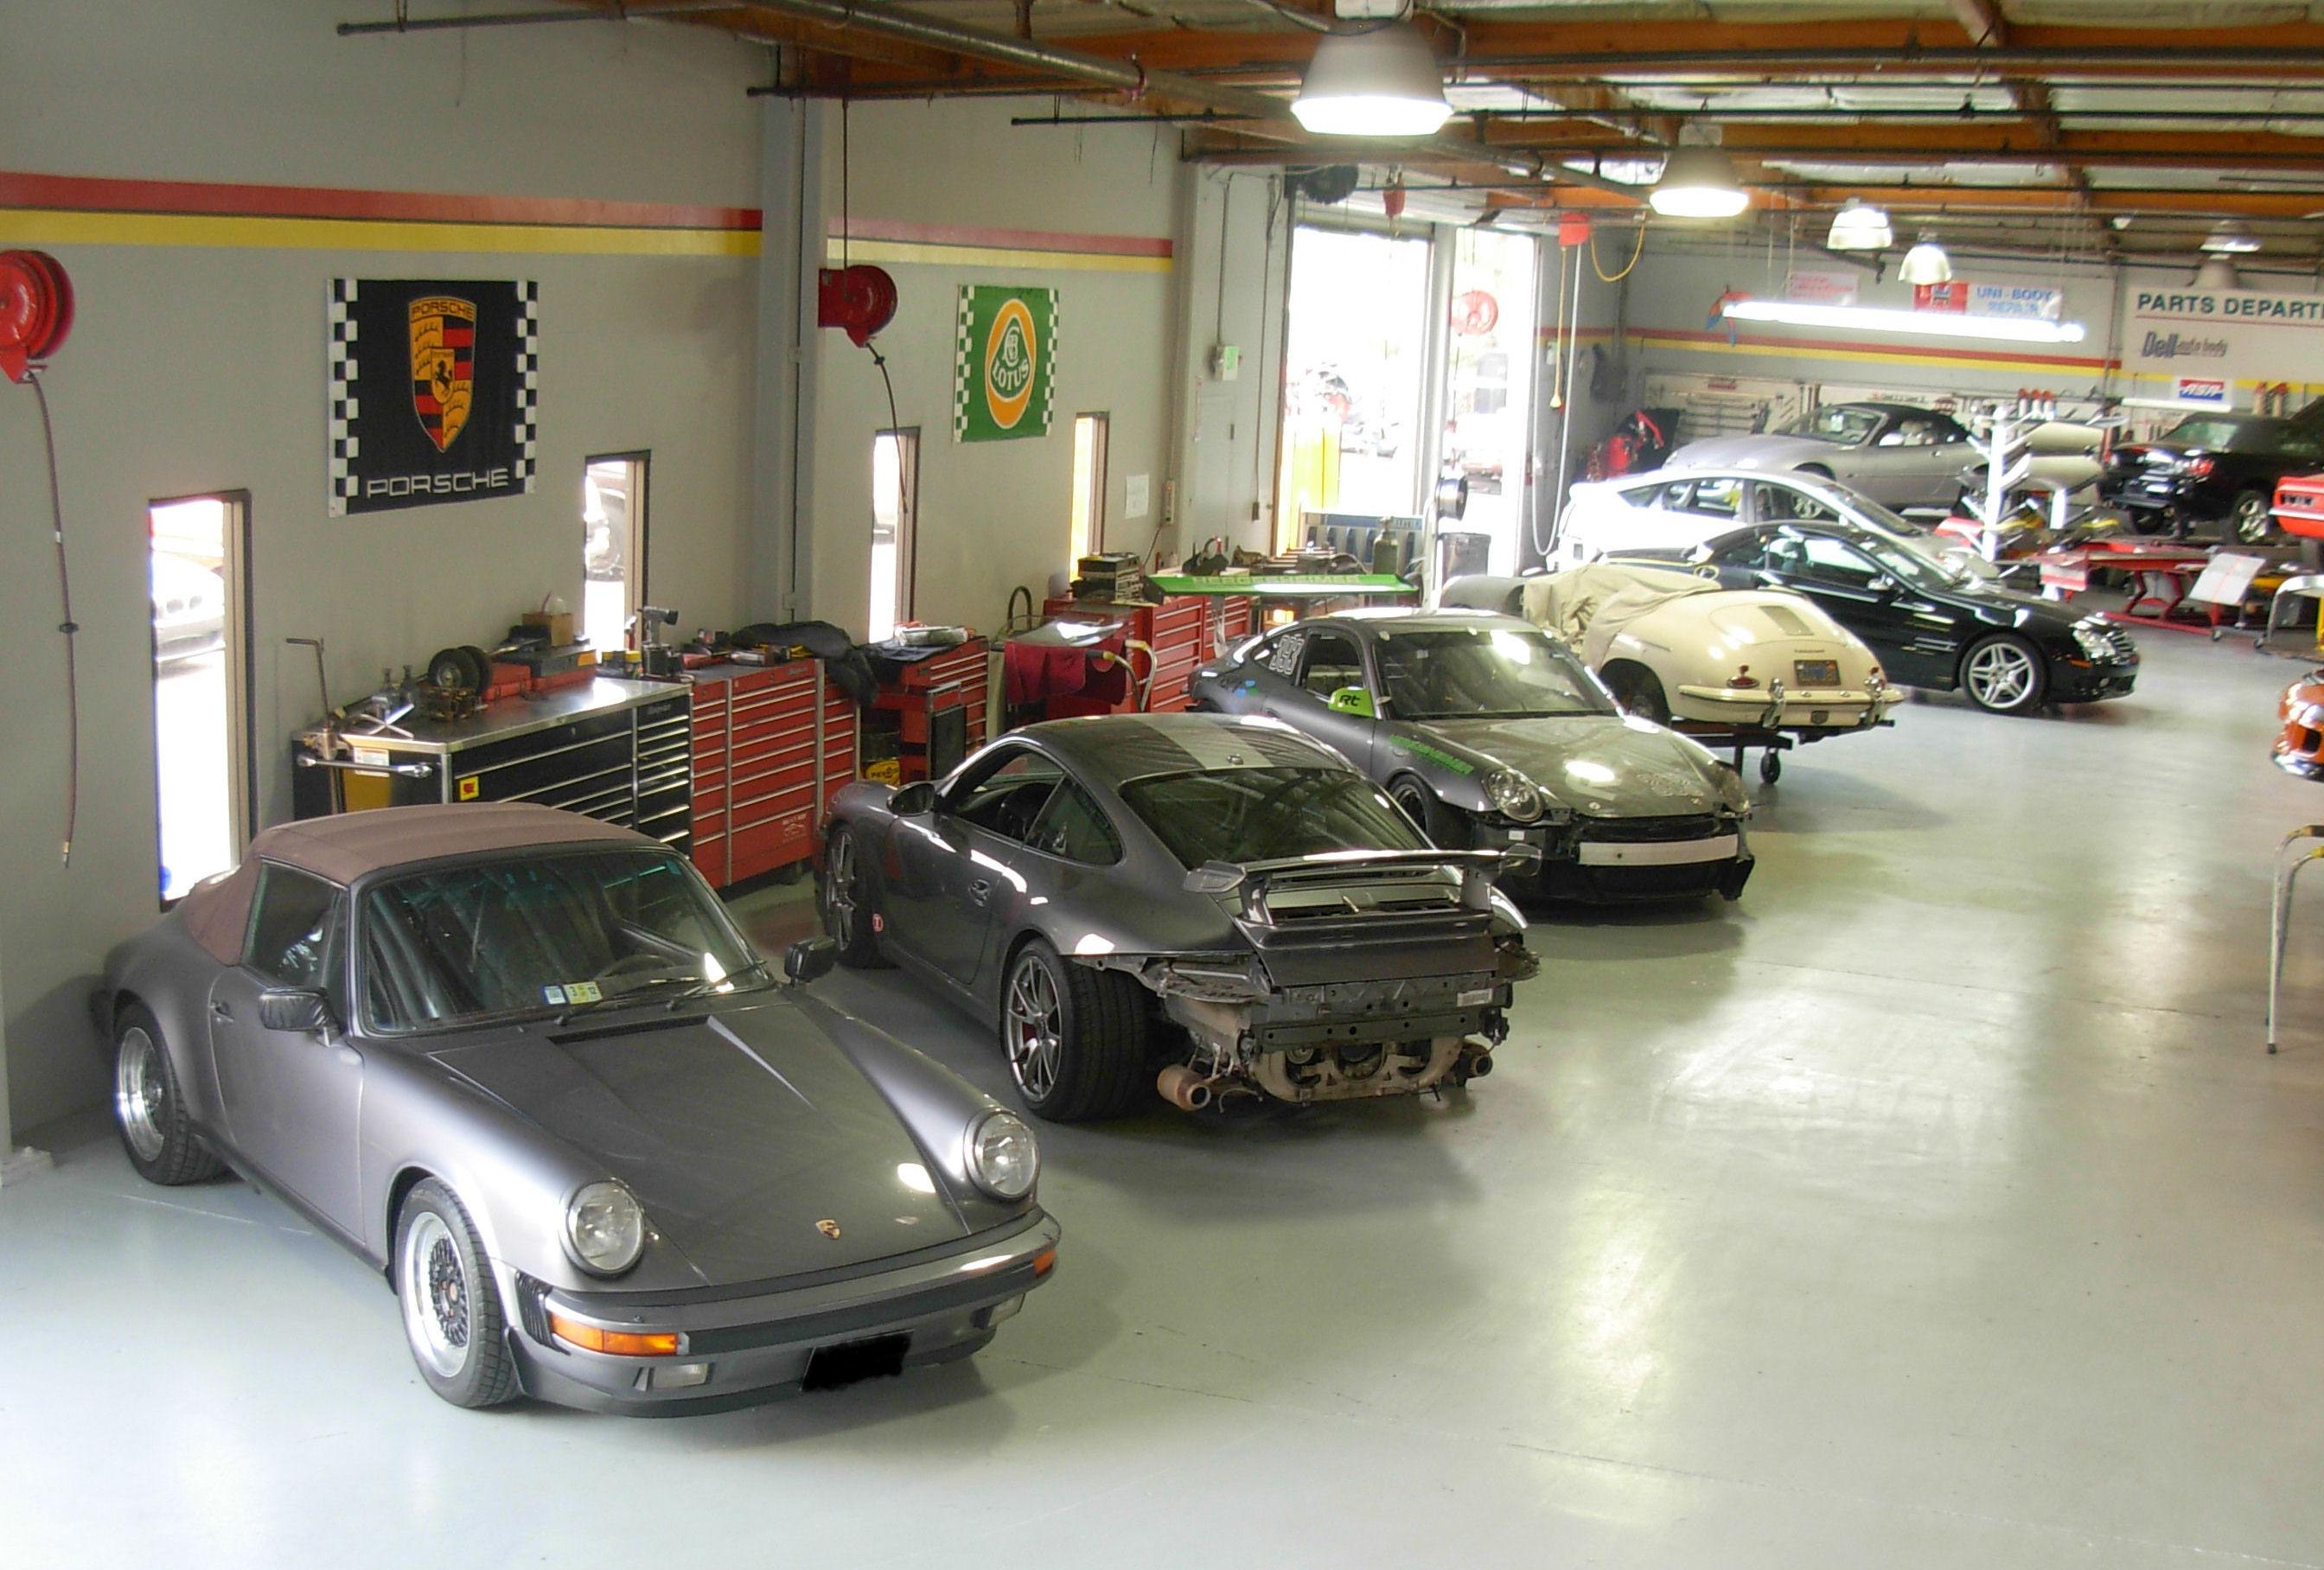 Dell Auto Group Loma Prieta Region Porsche Club Of America - Porsche collision repair